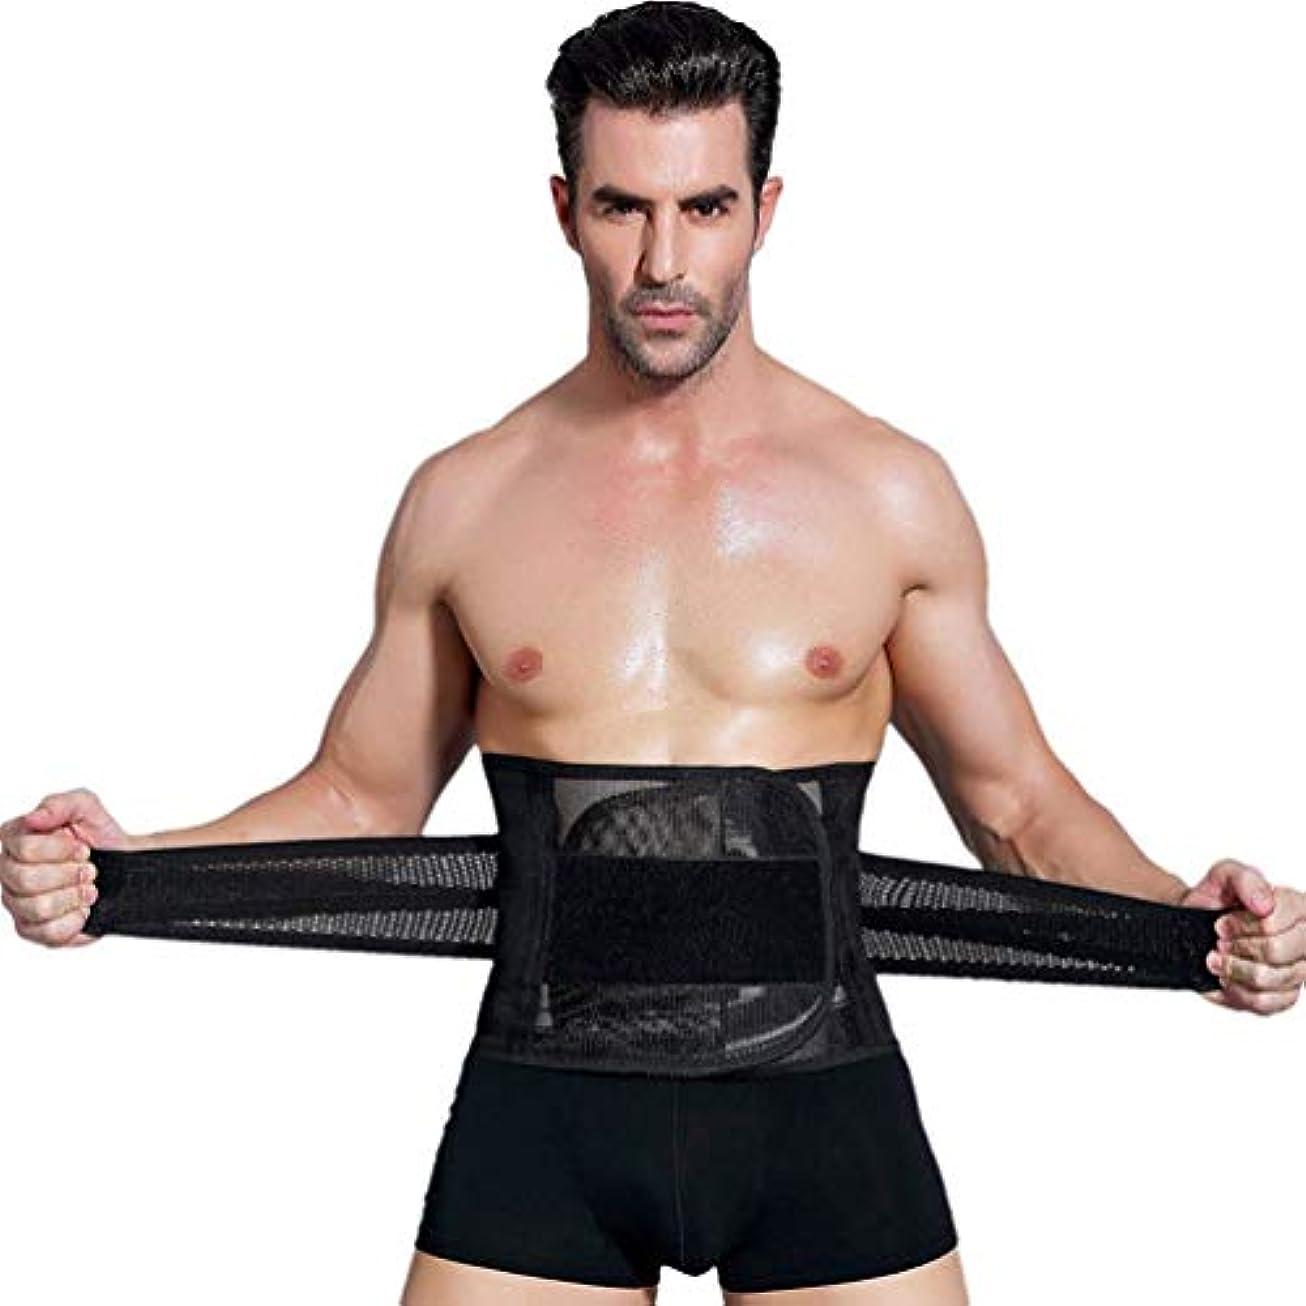 観察魔法憂鬱な男性ボディシェイパーコルセット腹部おなかコントロールウエストトレーナーニッパー脂肪燃焼ガードル痩身腹ベルト用男性 - ブラックXXL